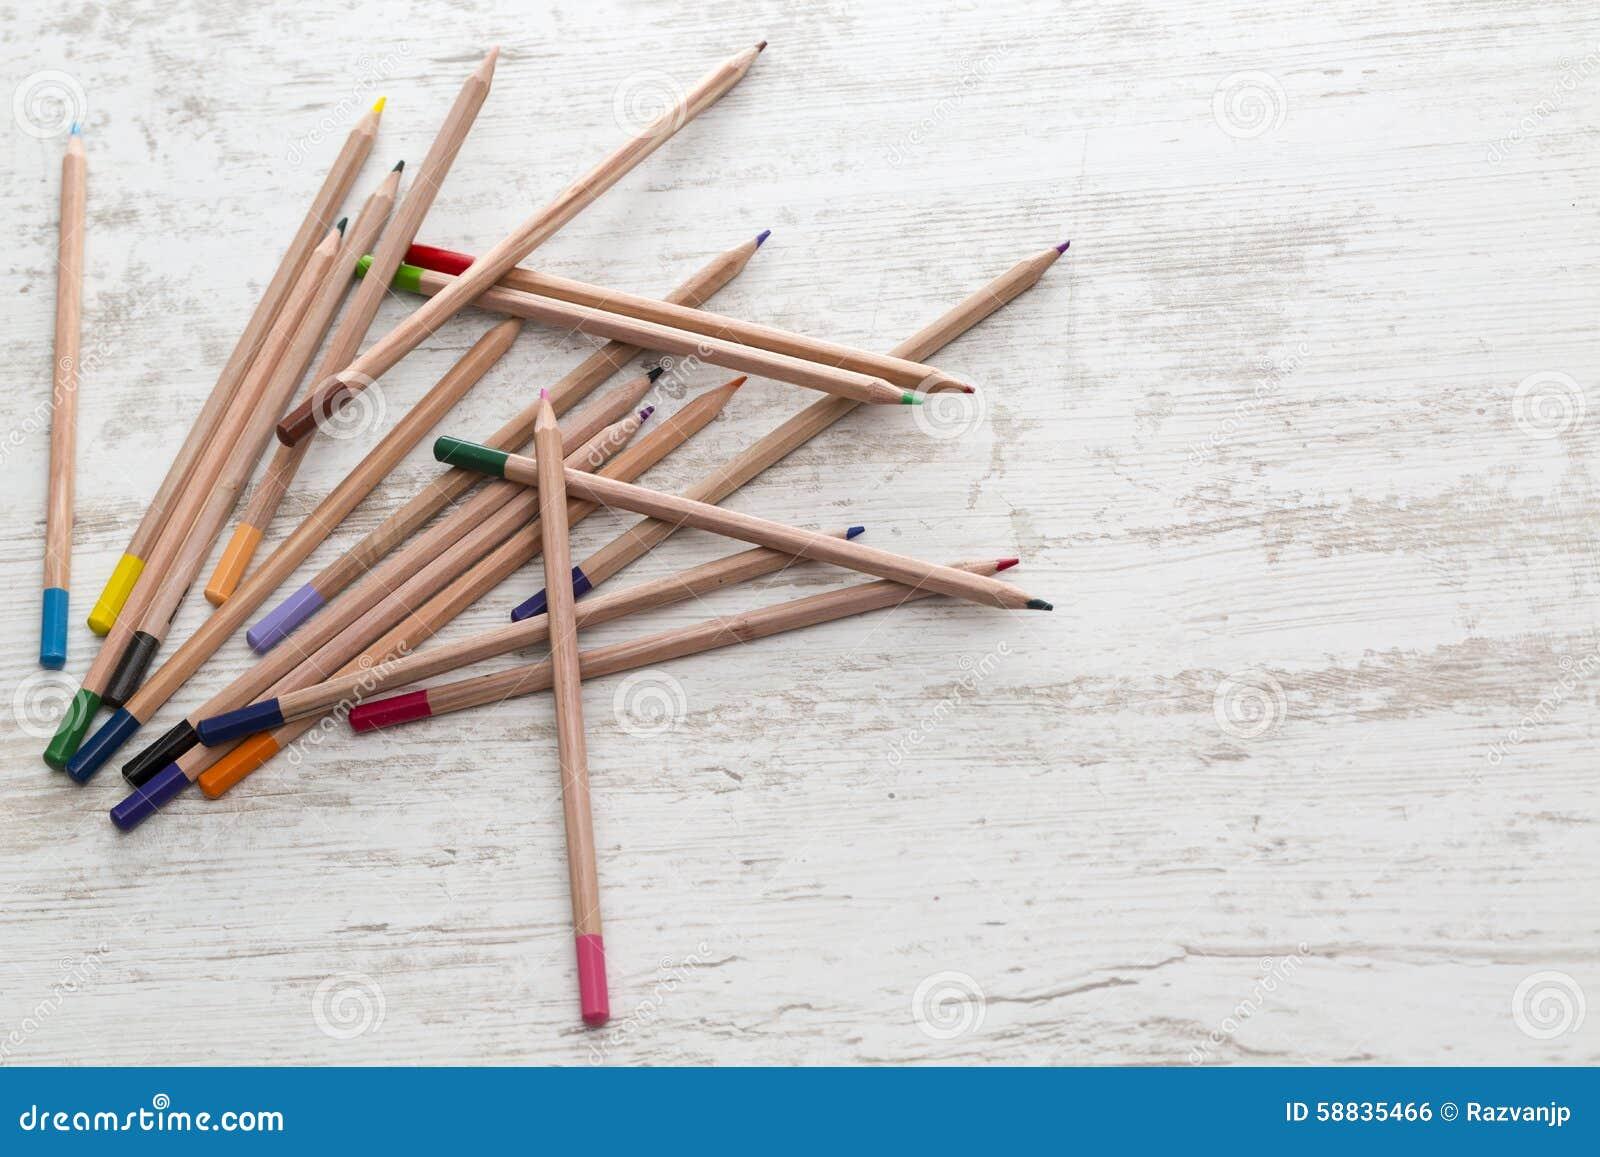 五颜六色许多铅笔